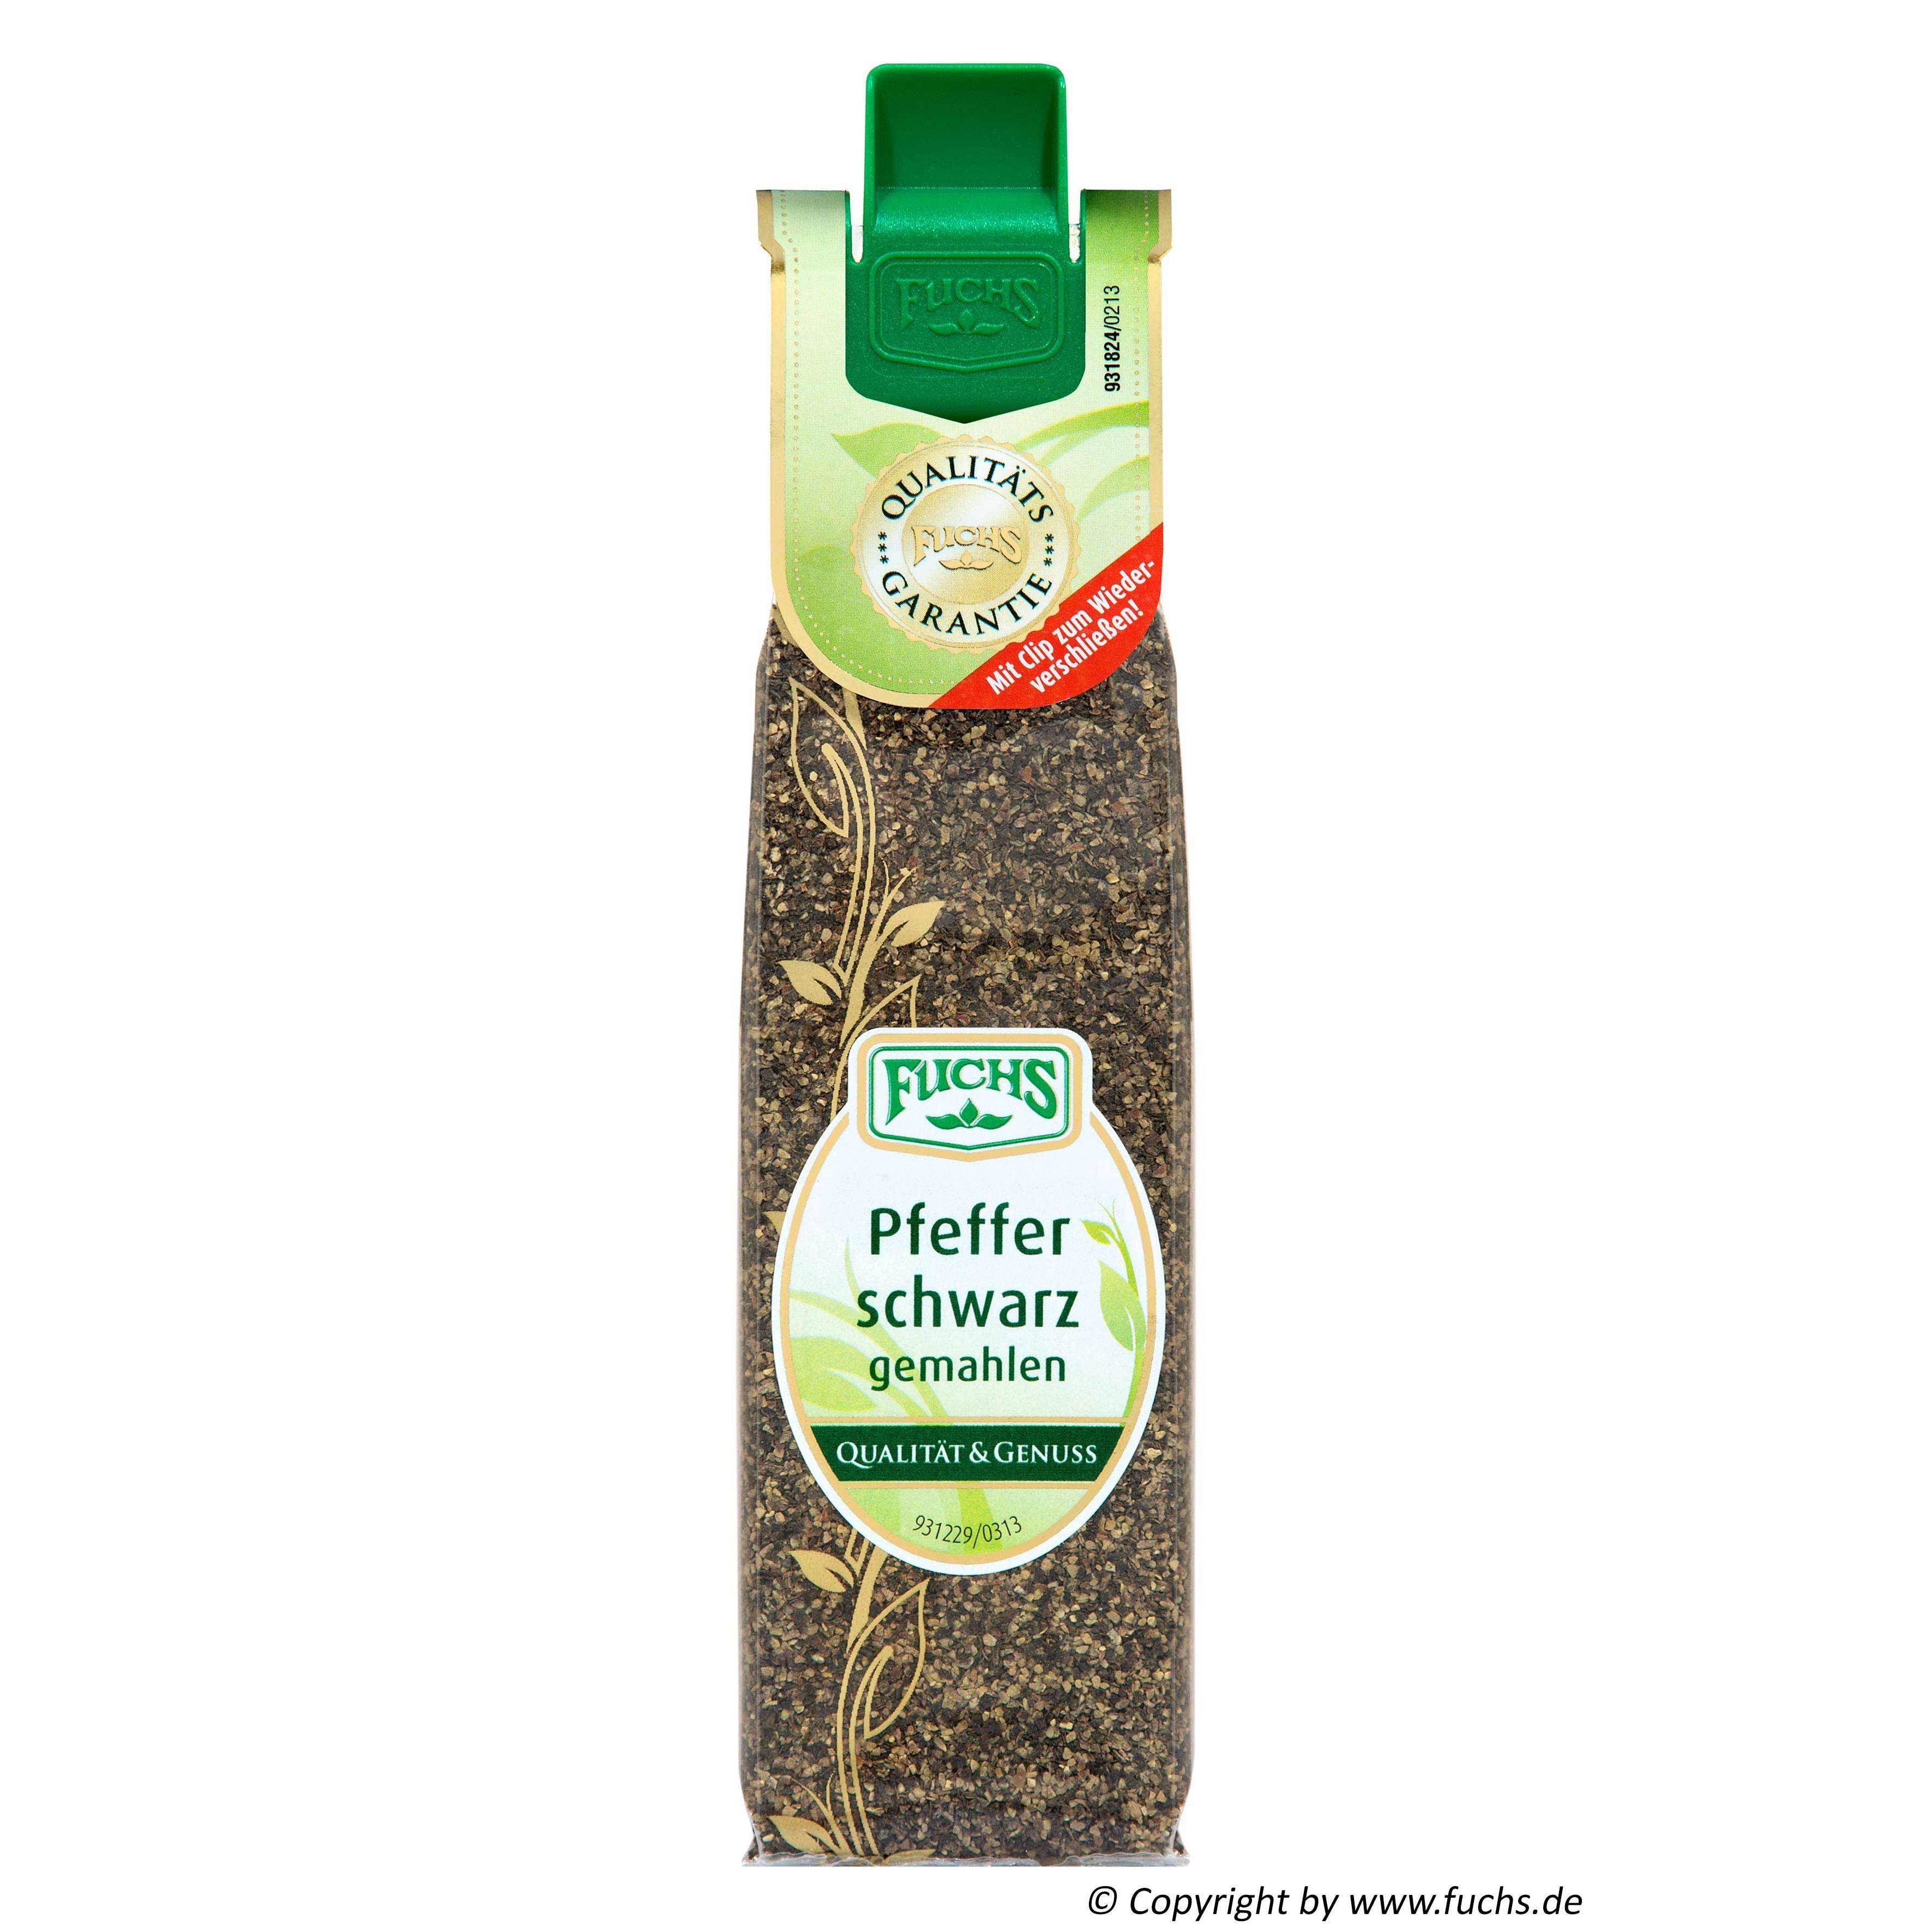 Fuchs - Pfeffer schwarz gemahlen - 29g